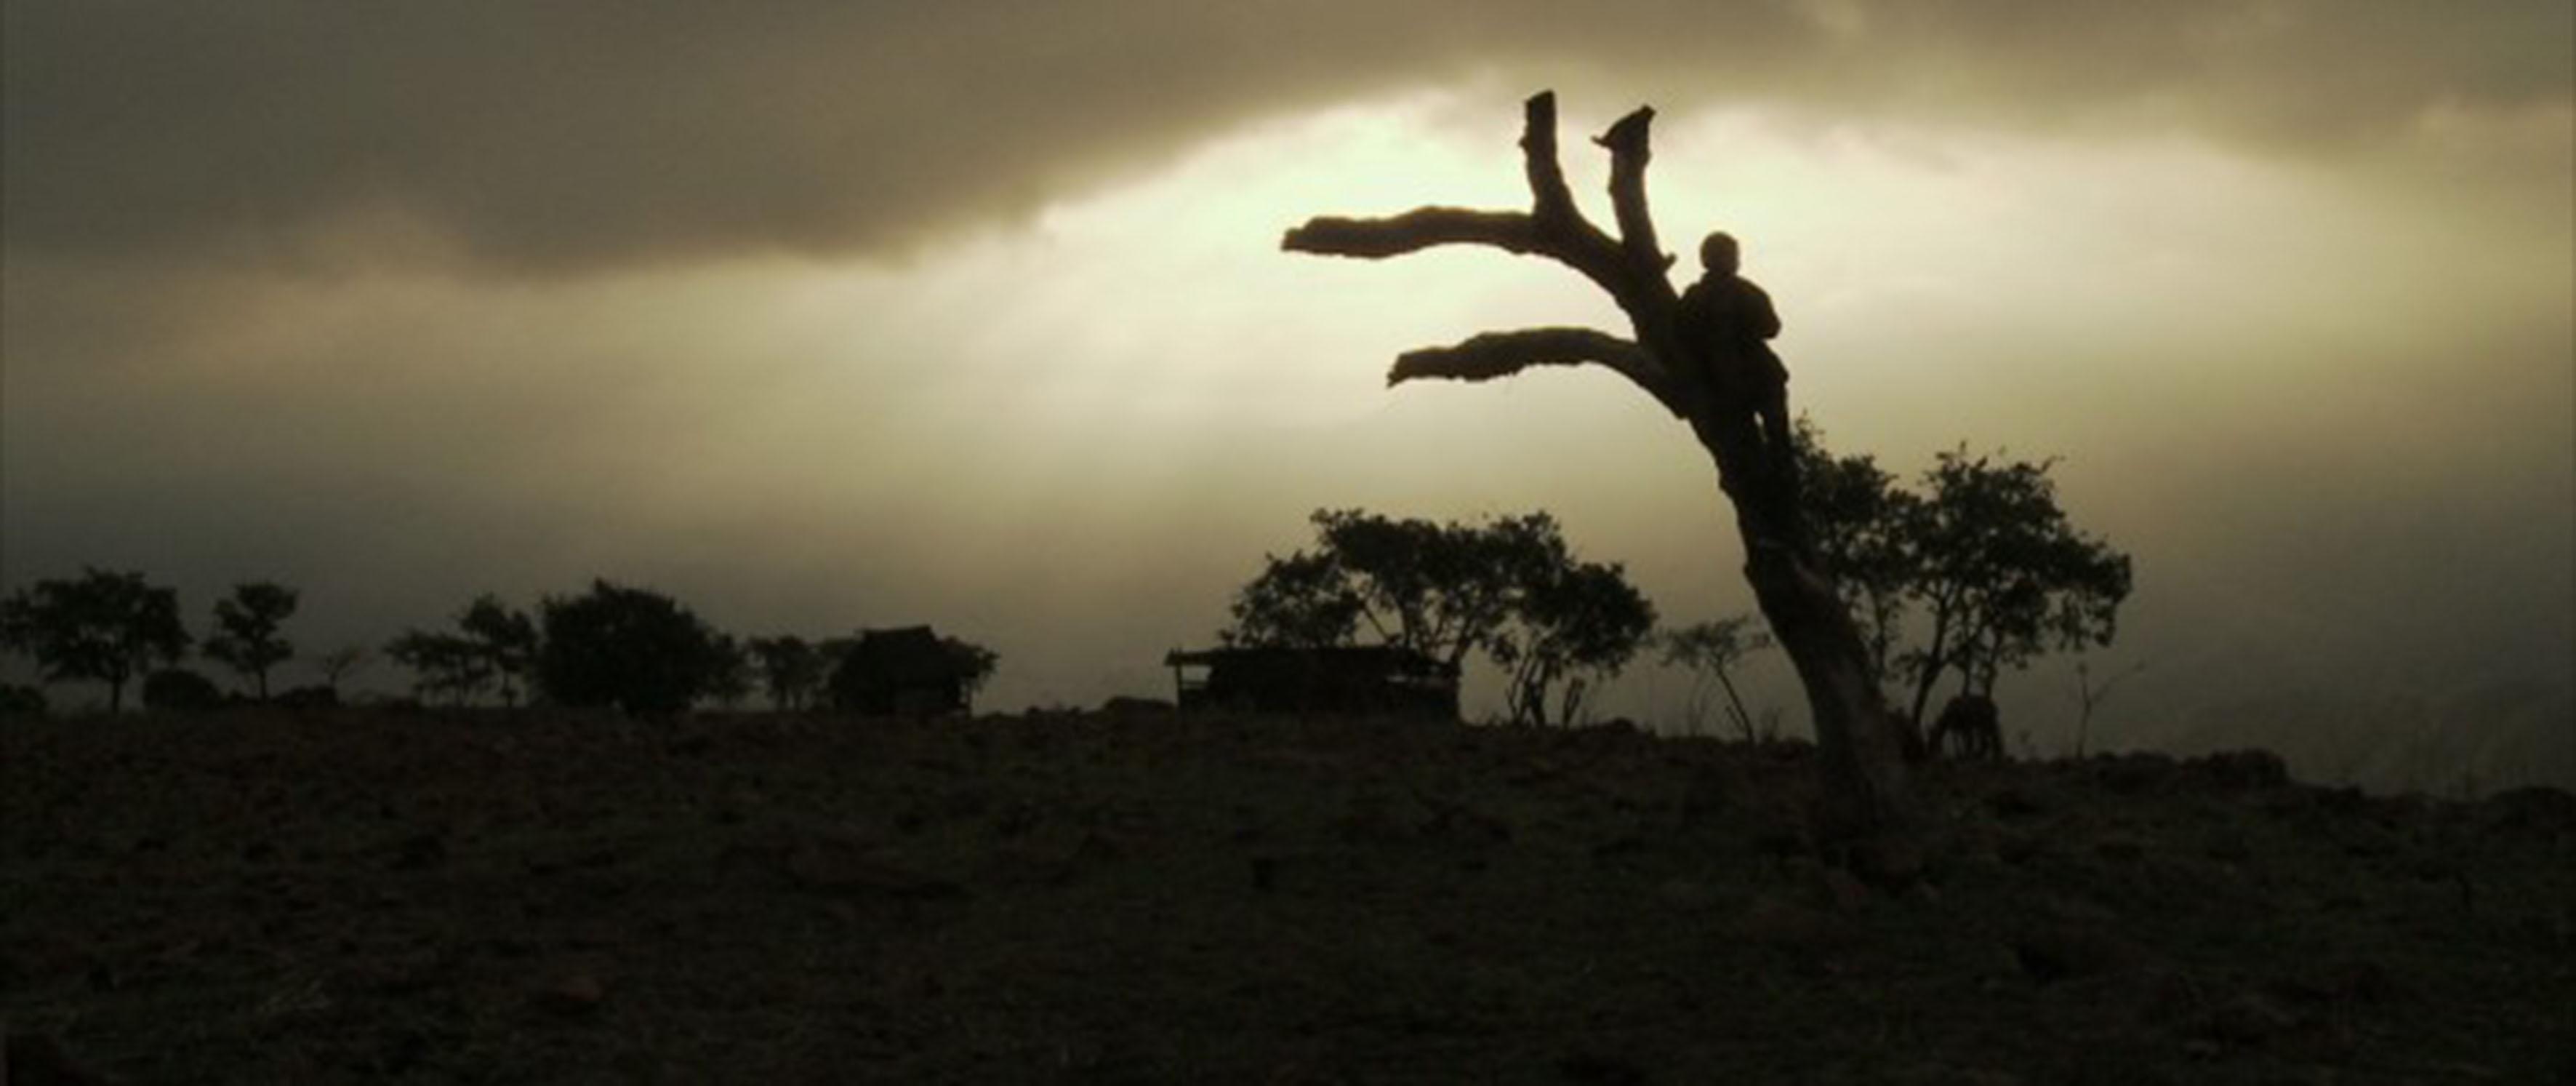 Vista panorámica de una de las regiones de Jalisco, en donde se observa una zona árida en donde hay una pequeña choza y corral de animales, mientras un niño está arriba de un árbol seco, parado, viendo hacia el horizante durante un anochecer.